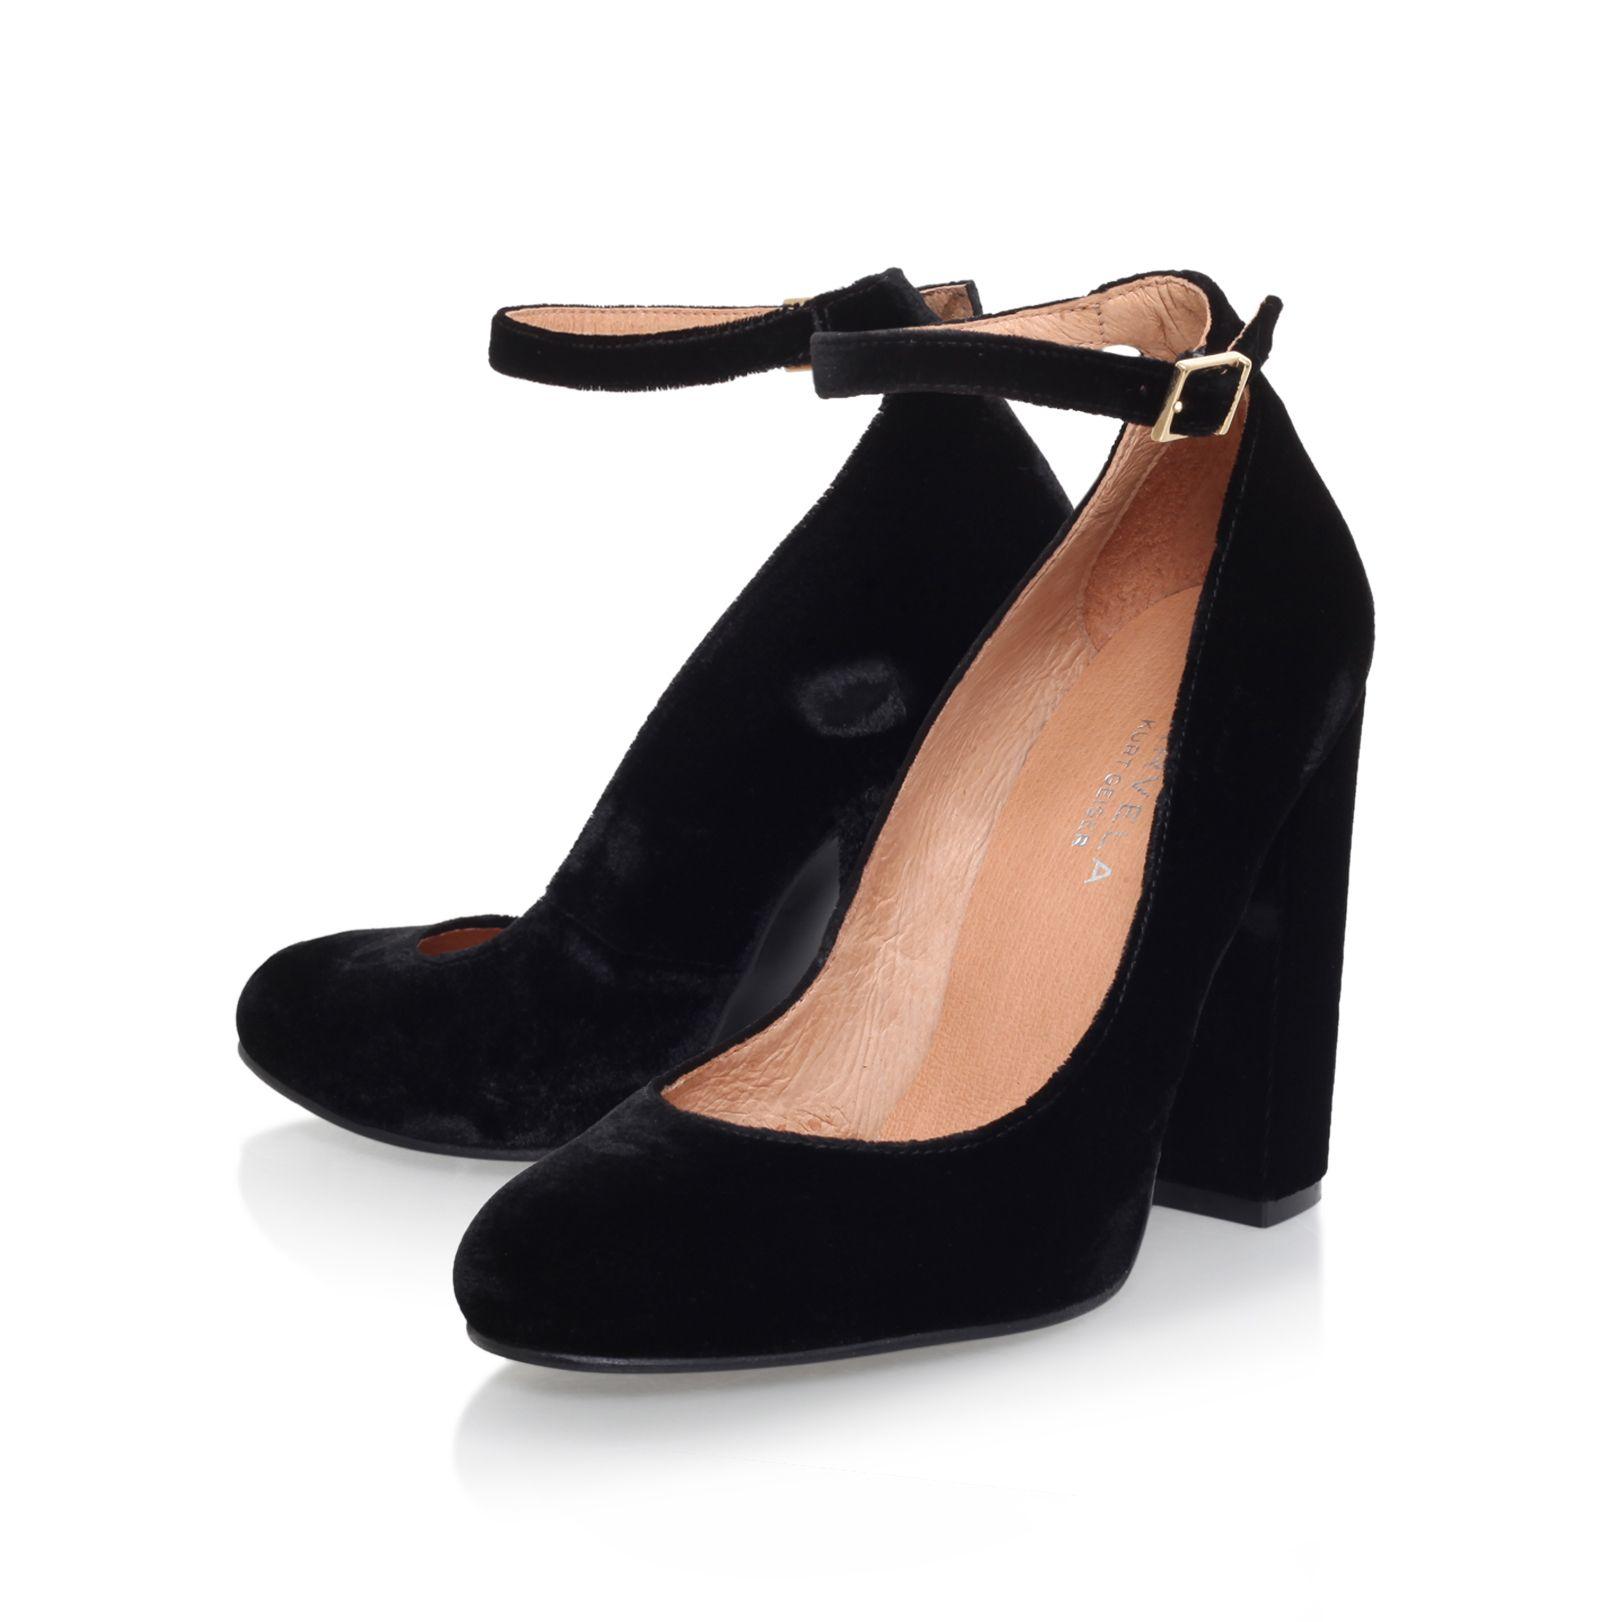 carvela kurt geiger adonis high heel court shoes in black